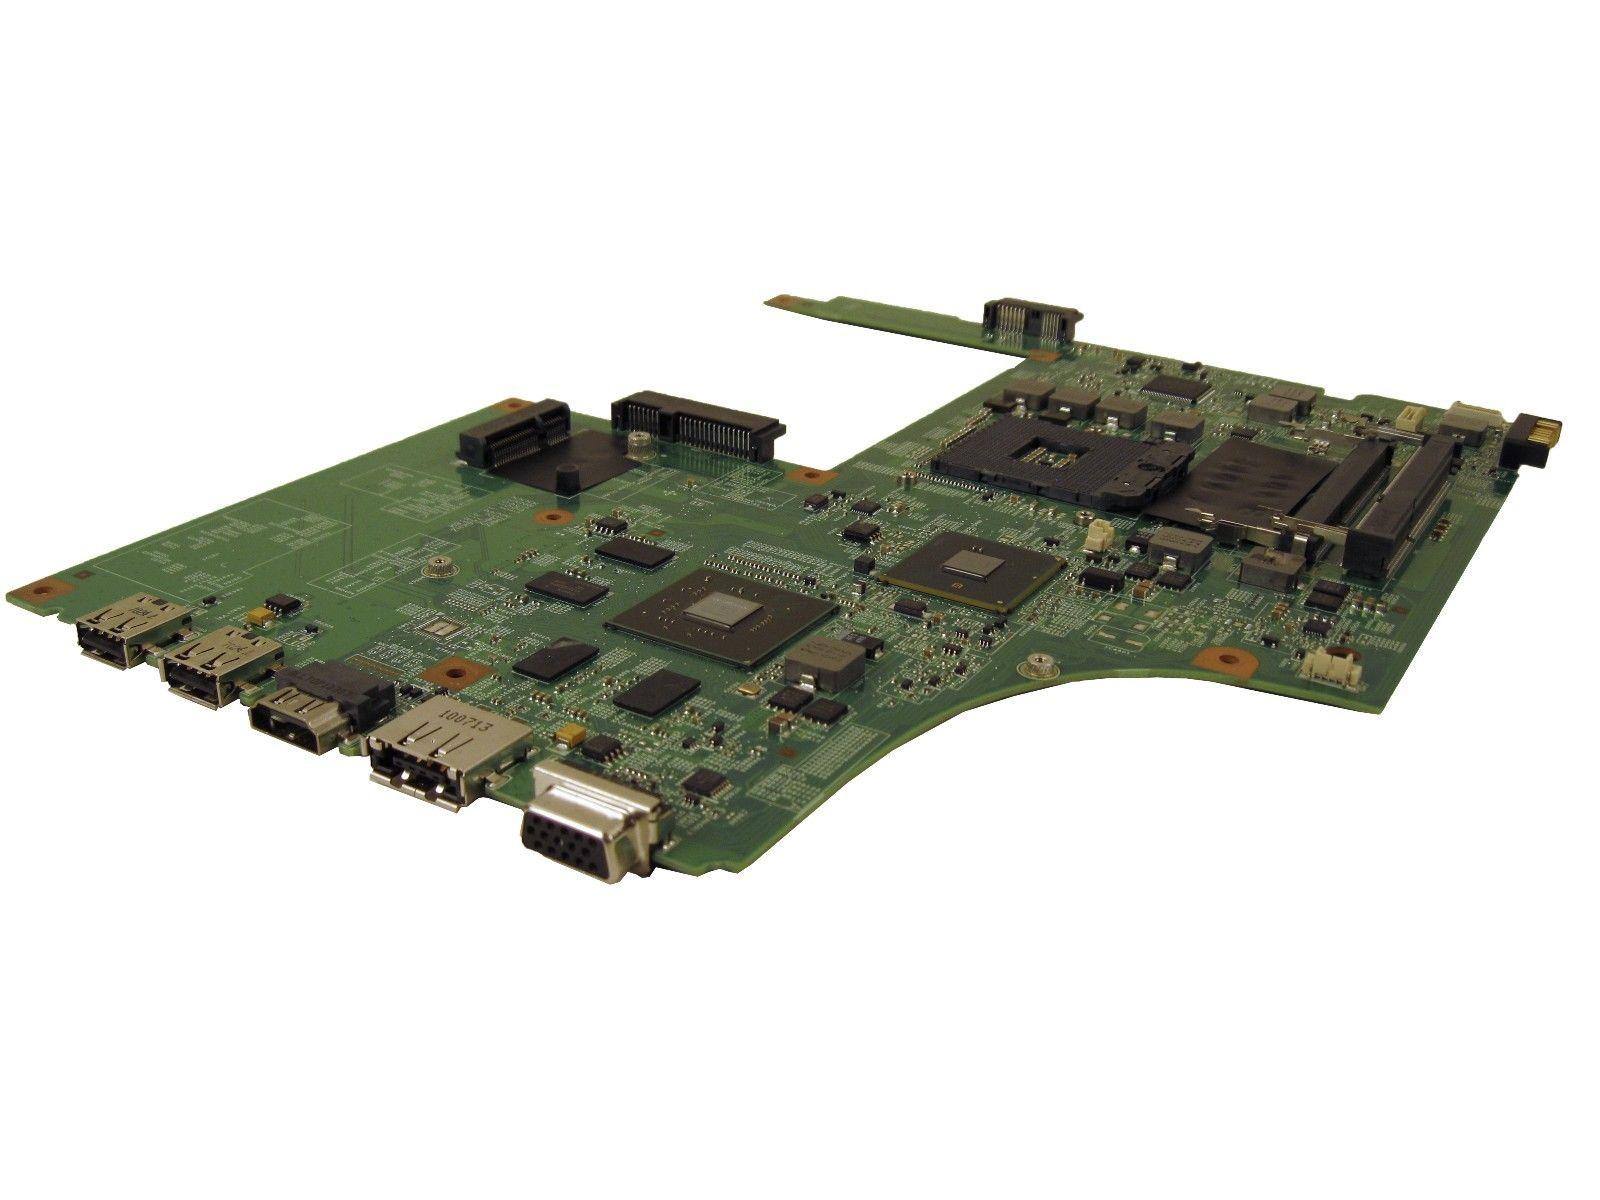 Dell WTW8F Vostro 3700 Motherboard